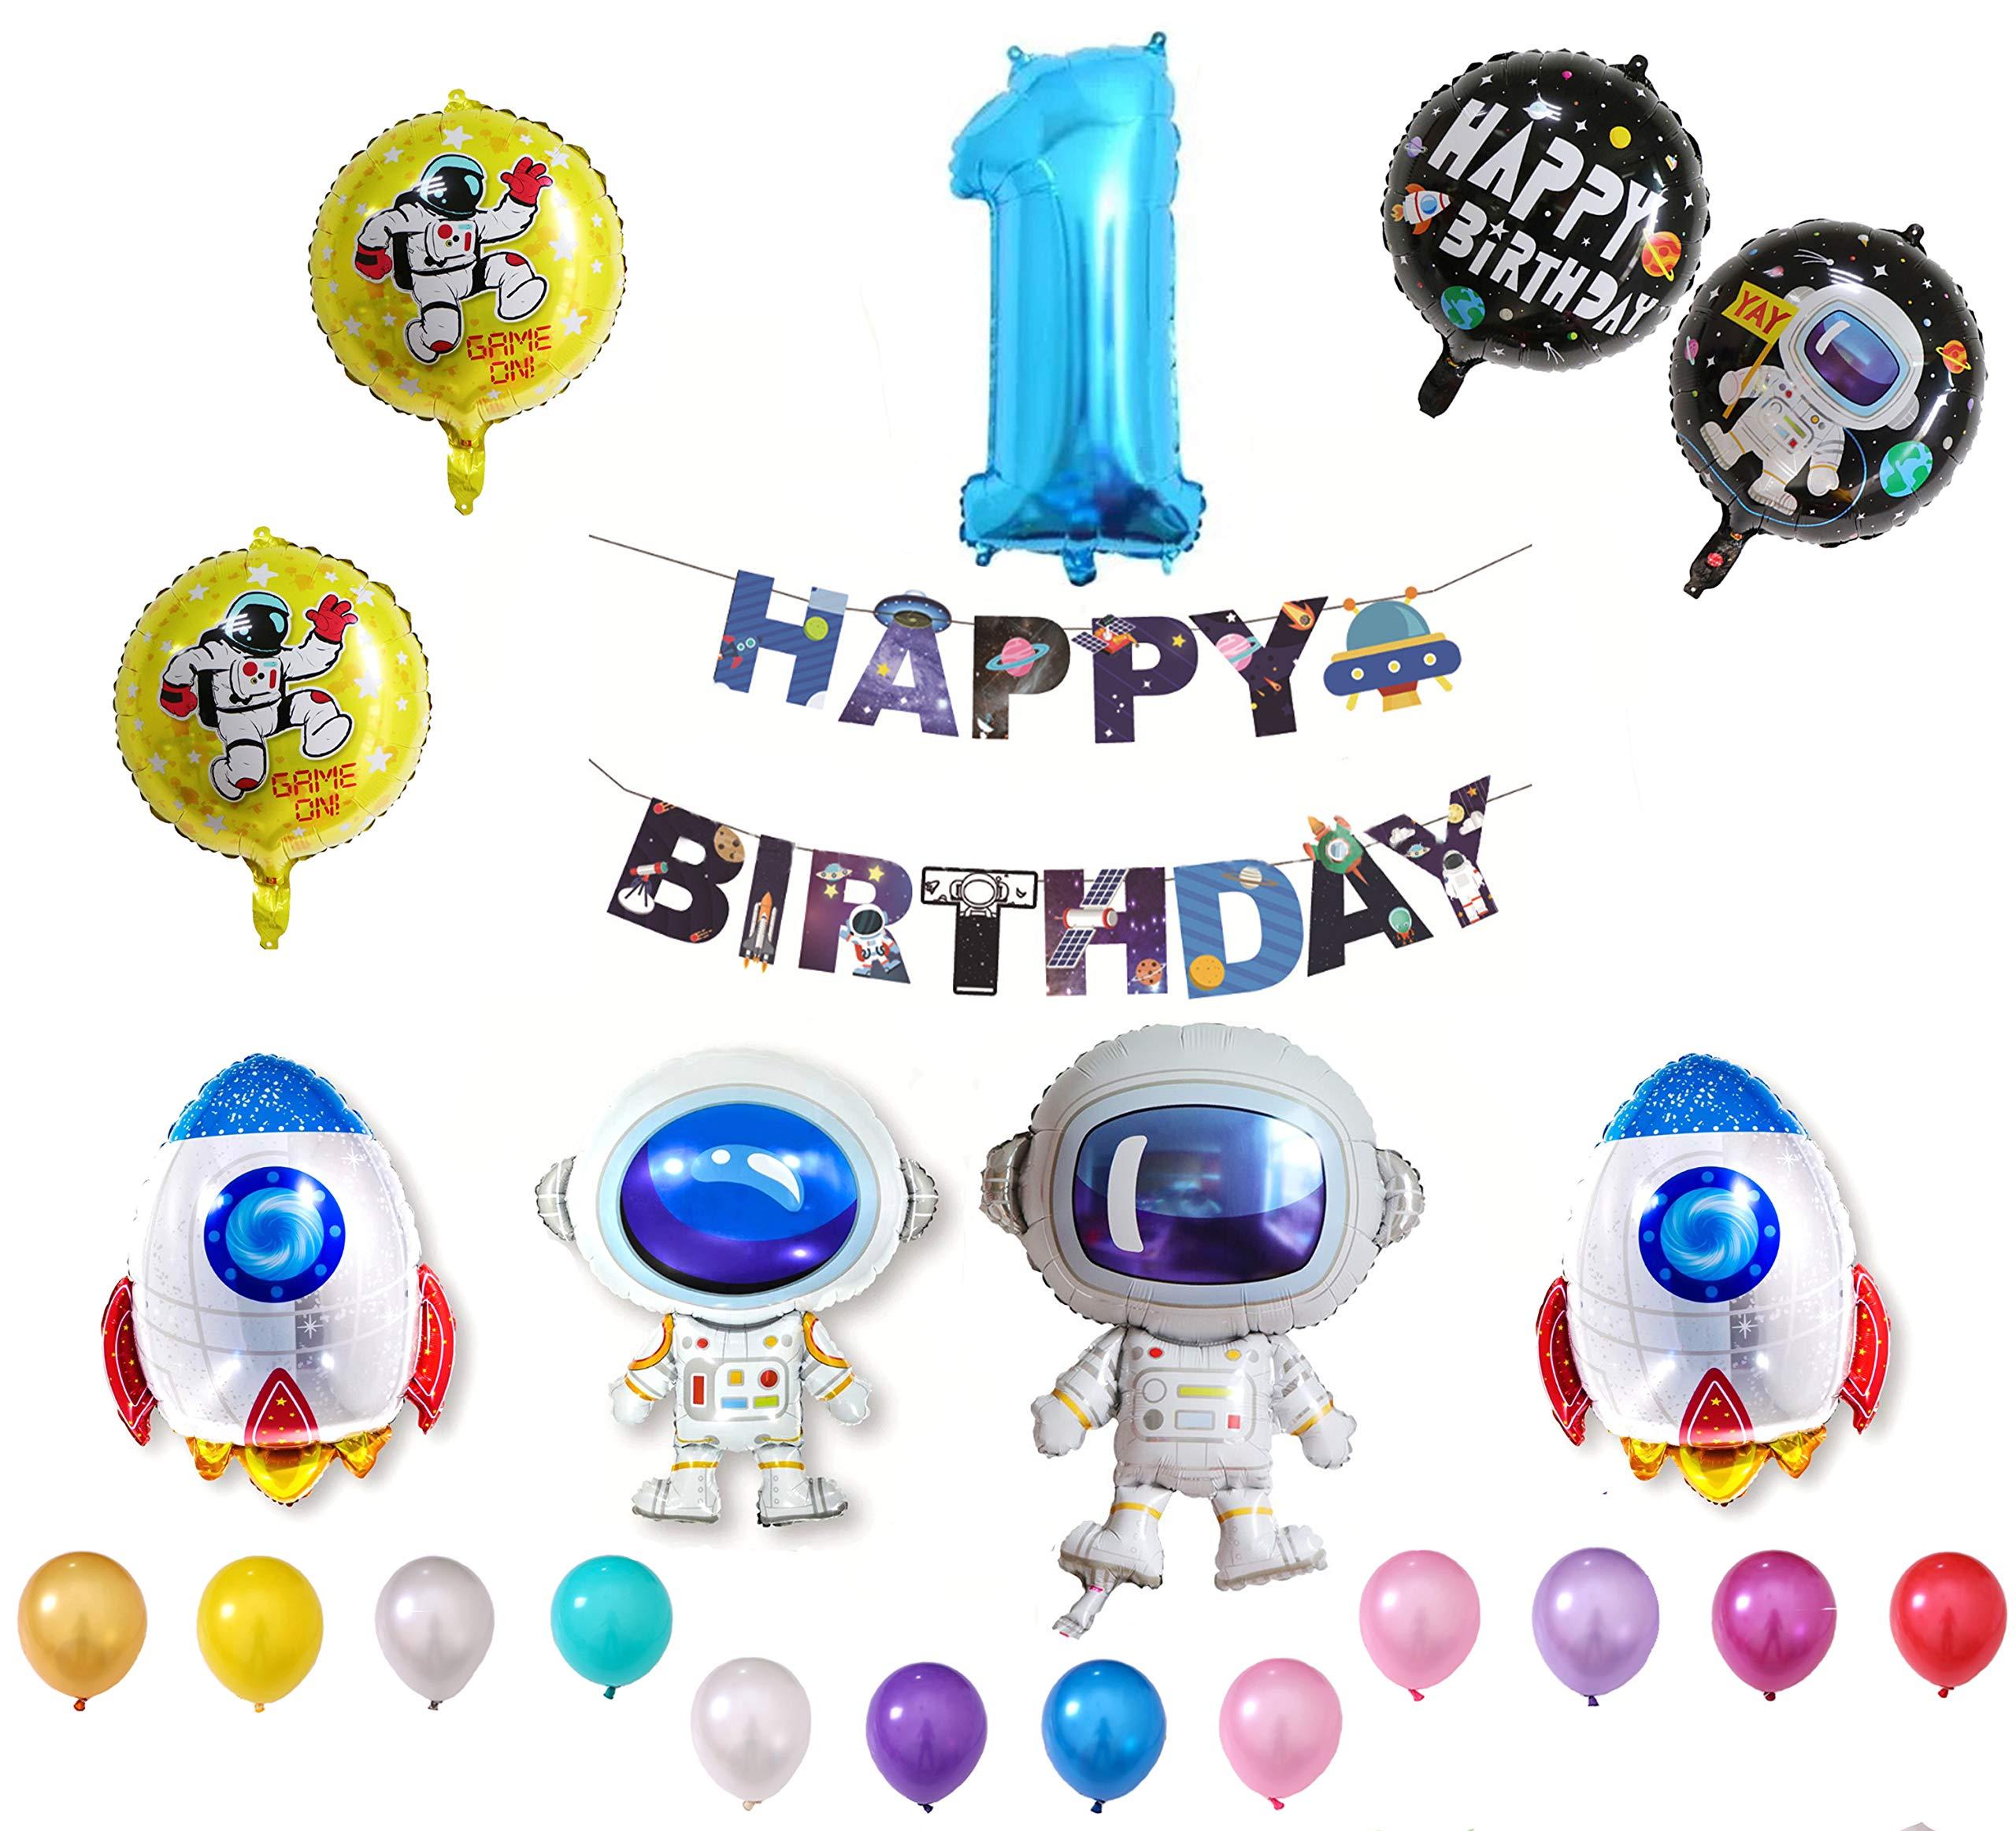 QING Globo Cumpleaño 1 Año para Niña y Niño 109 Piezas Decoración Espacio Bandera Happy Birthday: Amazon.es: Juguetes y juegos